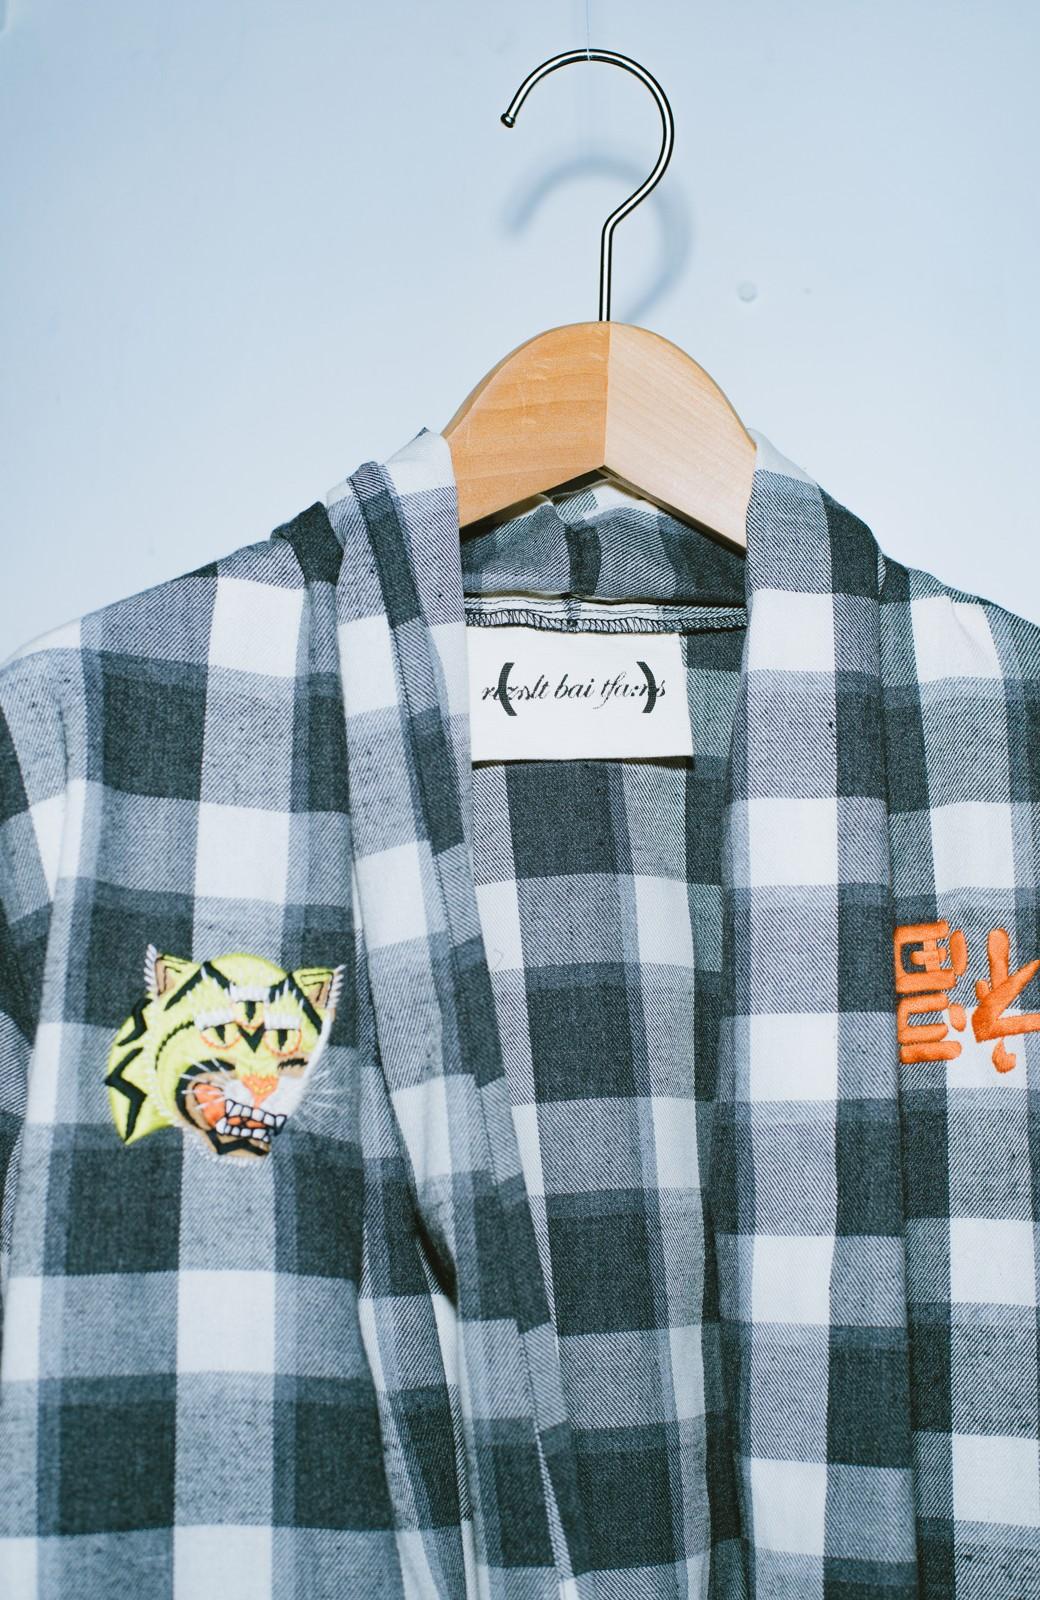 haco! haco! × RBTXCO 三つ目の虎福 刺繍入りチェックガウンコート  <ブラック系その他>の商品写真4